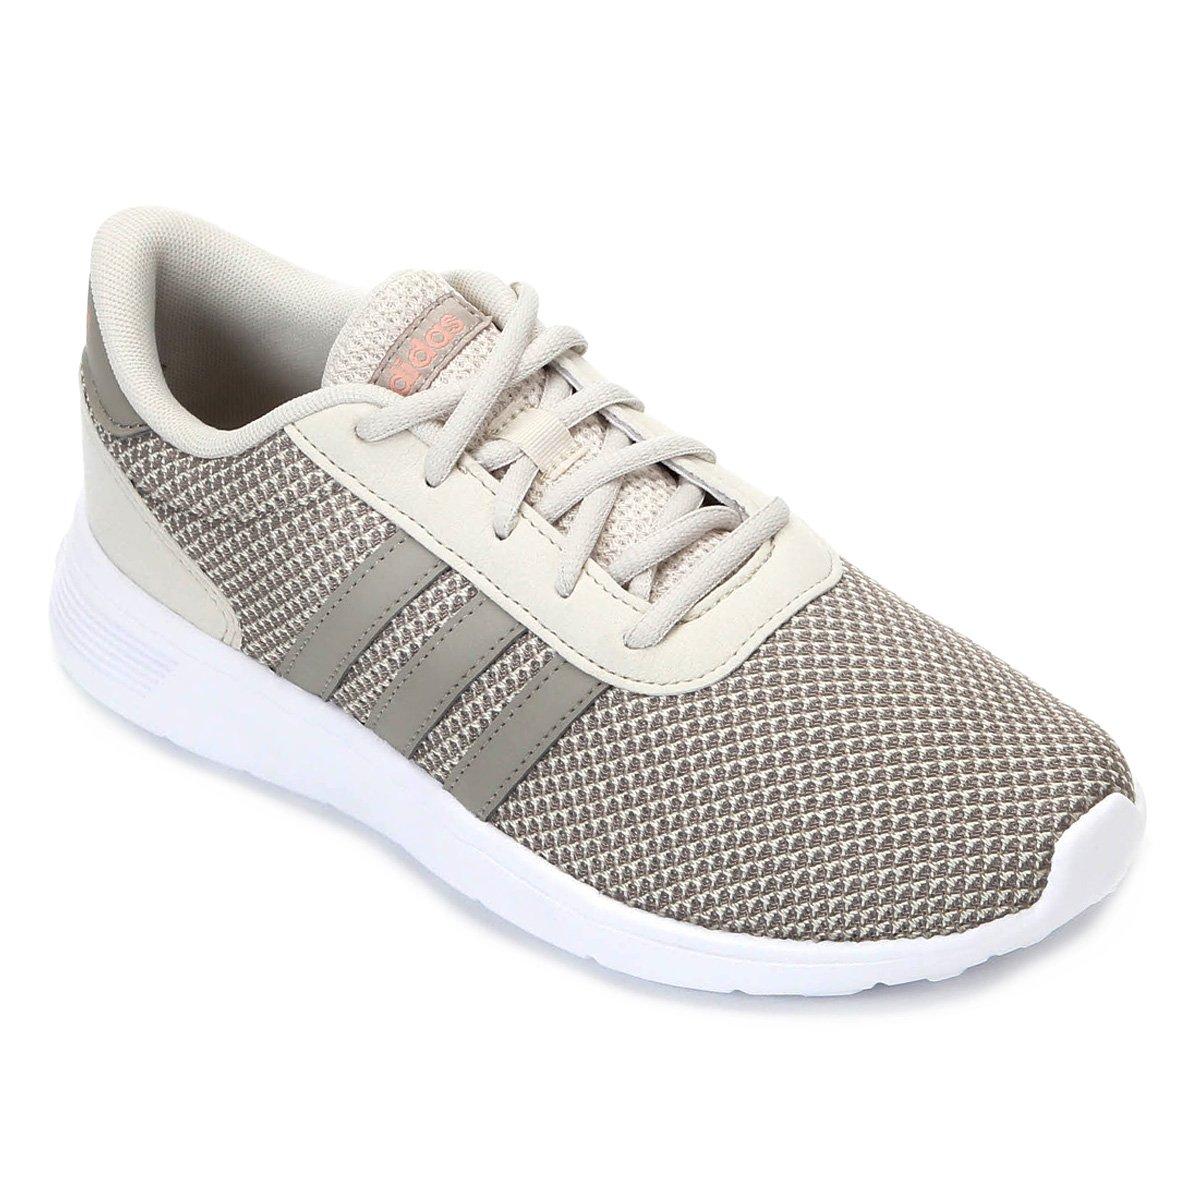 91e01417258 Tênis Adidas Lite Racer W Feminino - Branco e Marrom - Compre Agora ...